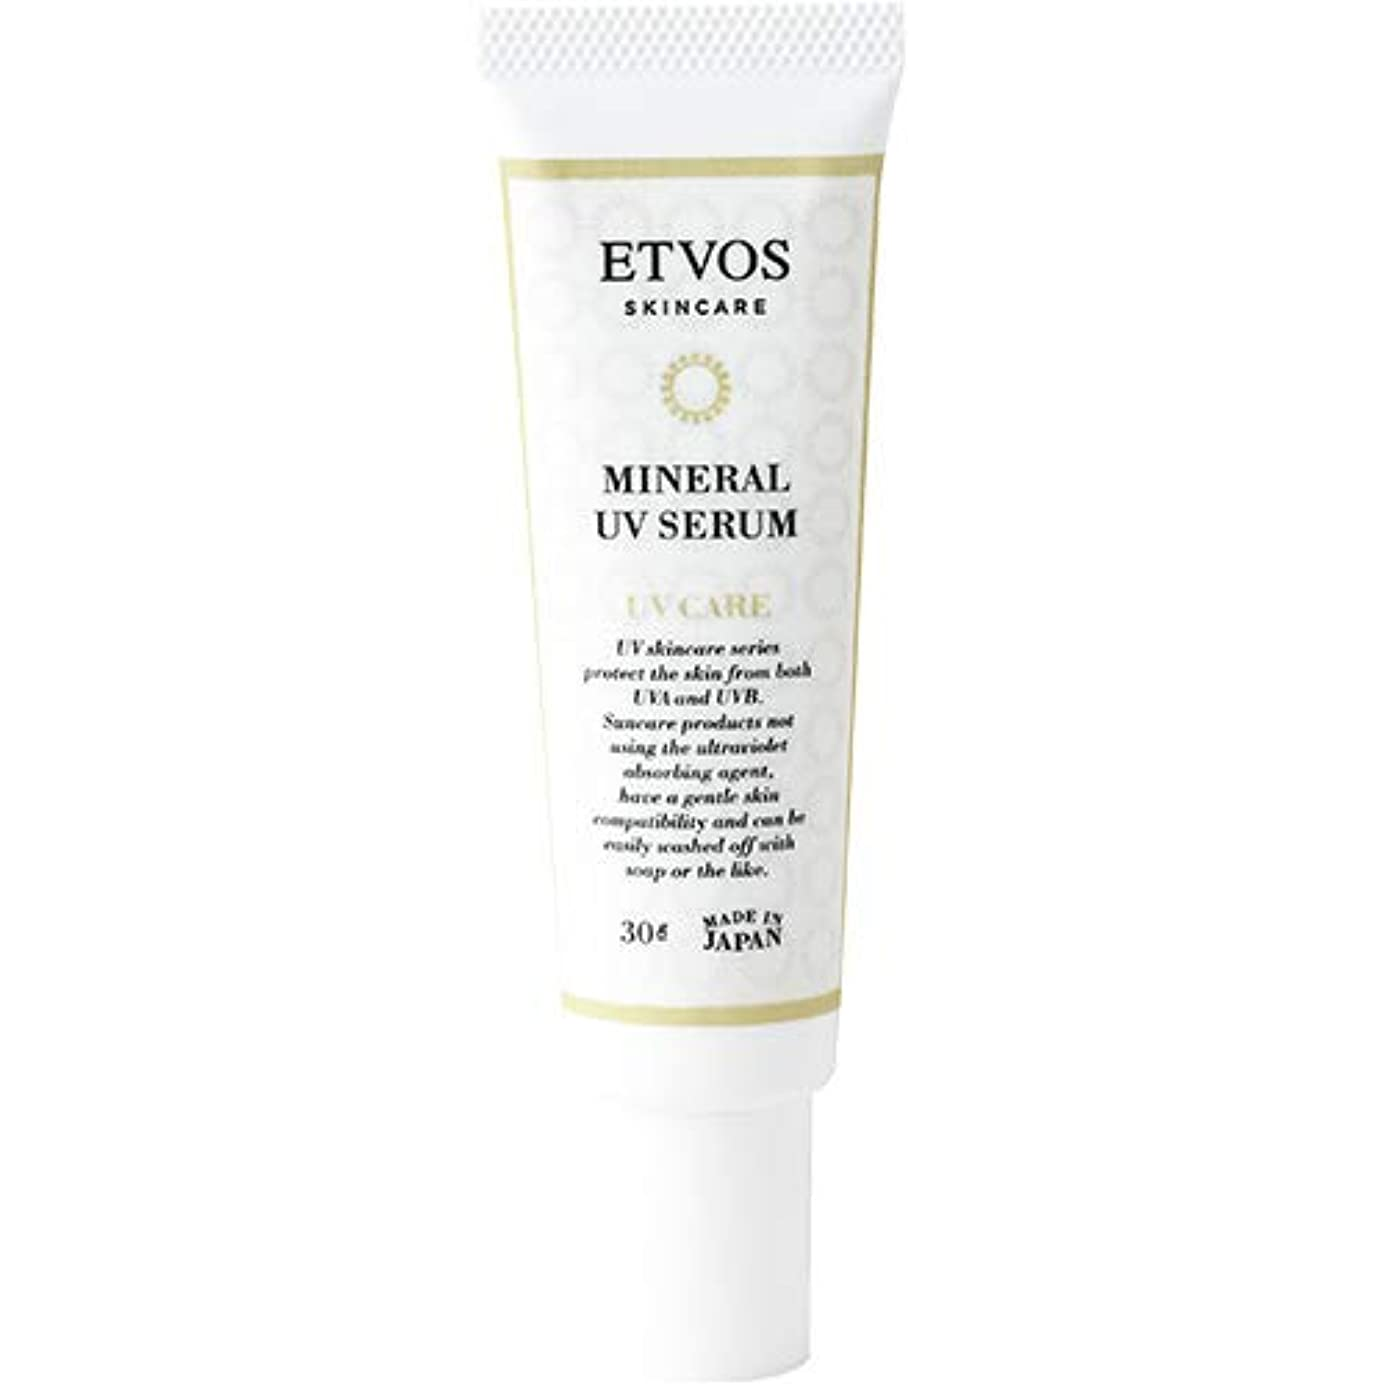 看板絶えず金属ETVOS(エトヴォス) 日焼け止め美容液 ミネラルUVセラム SPF35/PA+++ 30g 化粧下地 紫外線吸収剤不使用